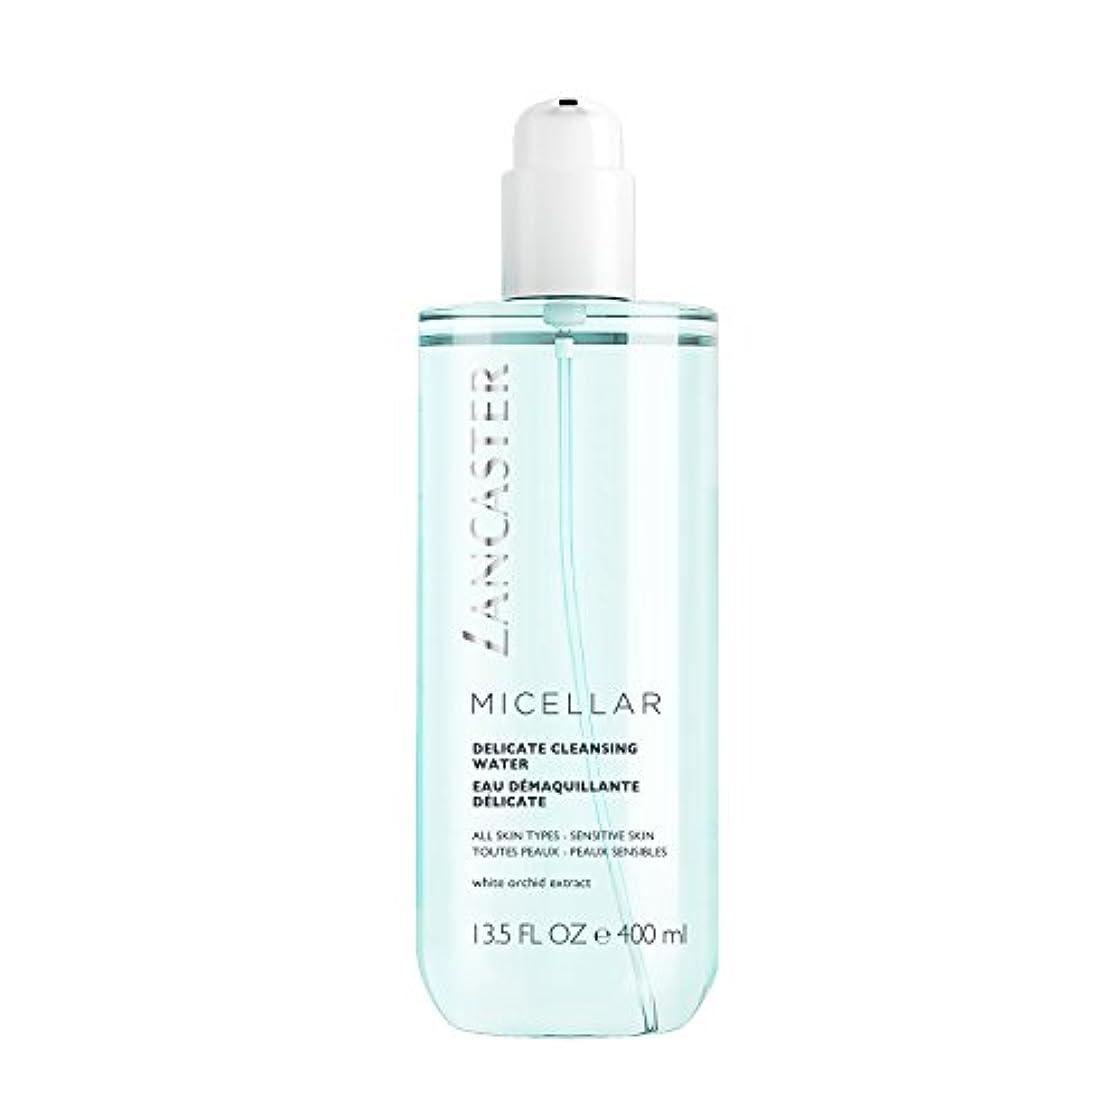 添加剤割り当て港ランカスター Micellar Delicate Cleansing Water - All Skin Types, Including Sensitive Skin 400ml/13.5oz並行輸入品